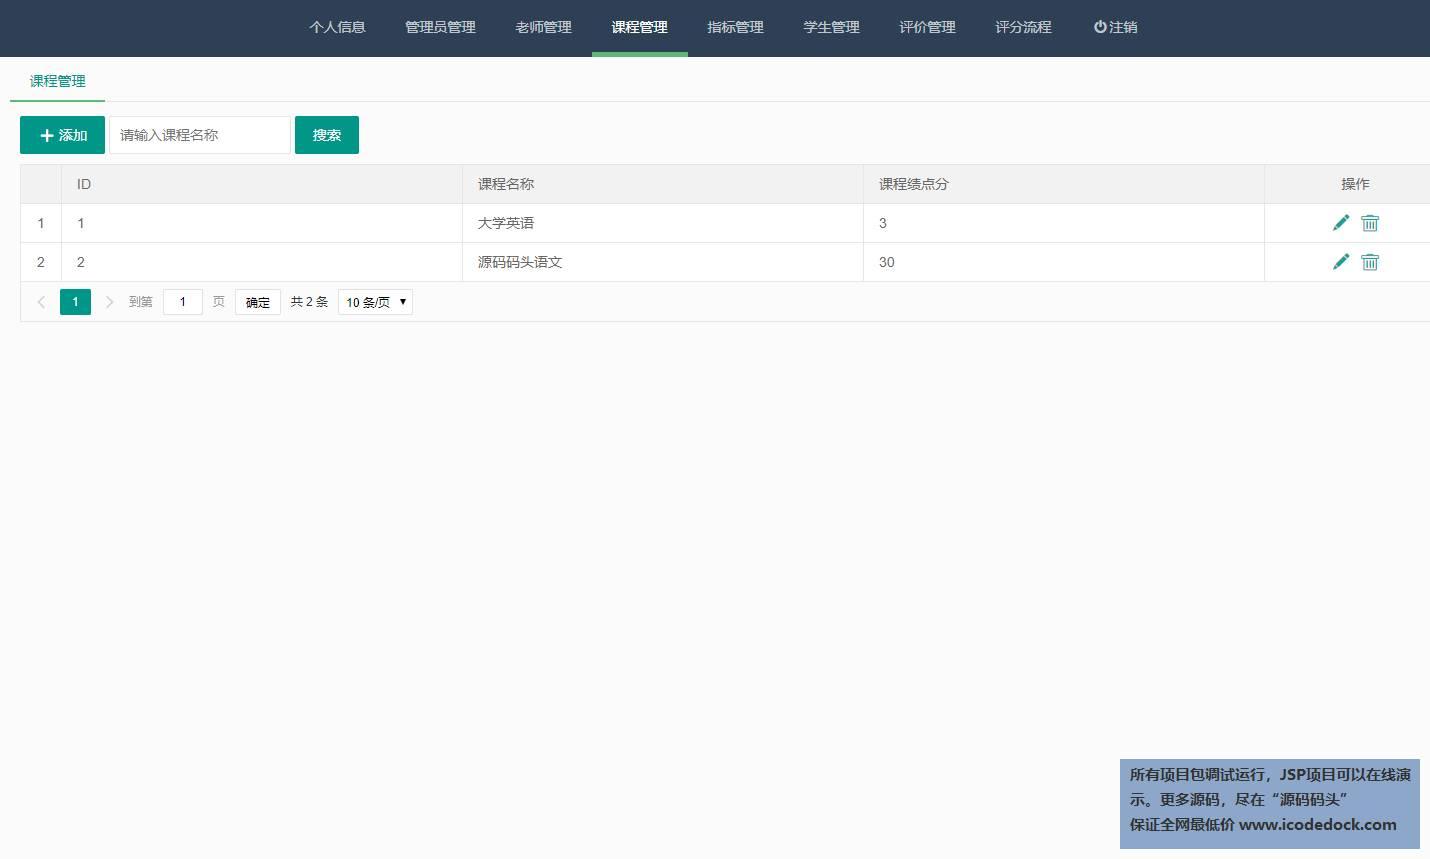 源码码头-Springboot课程评分评价管理系统-管理员角色-课程管理增删改查